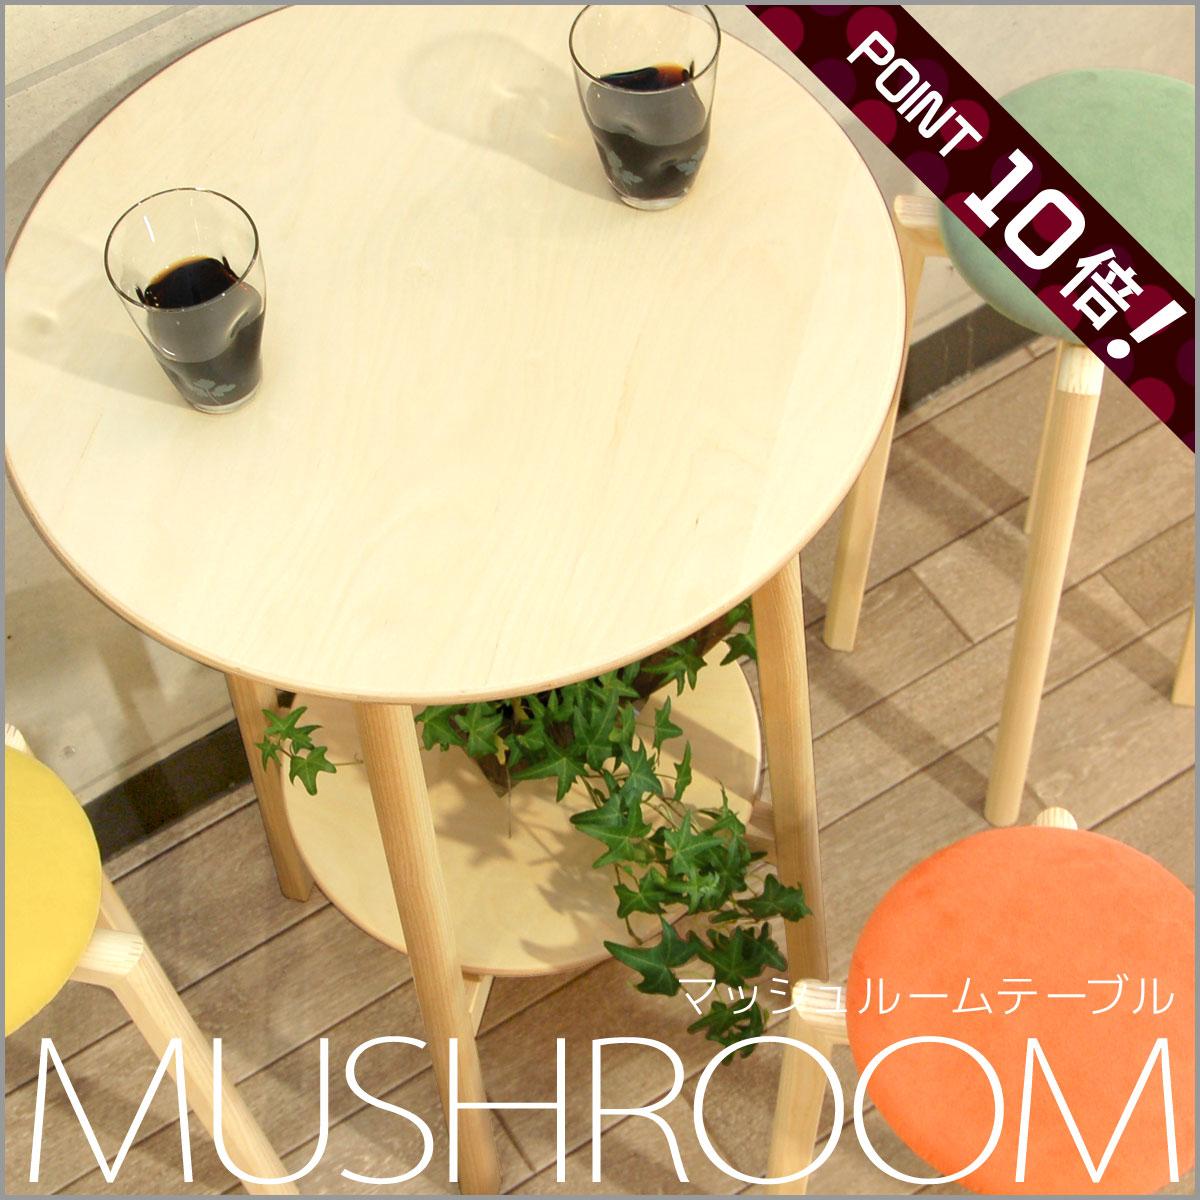 匠工芸 マッシュルーム テーブル【カフェ風テーブル 日本製 木製 家具 ウッド】